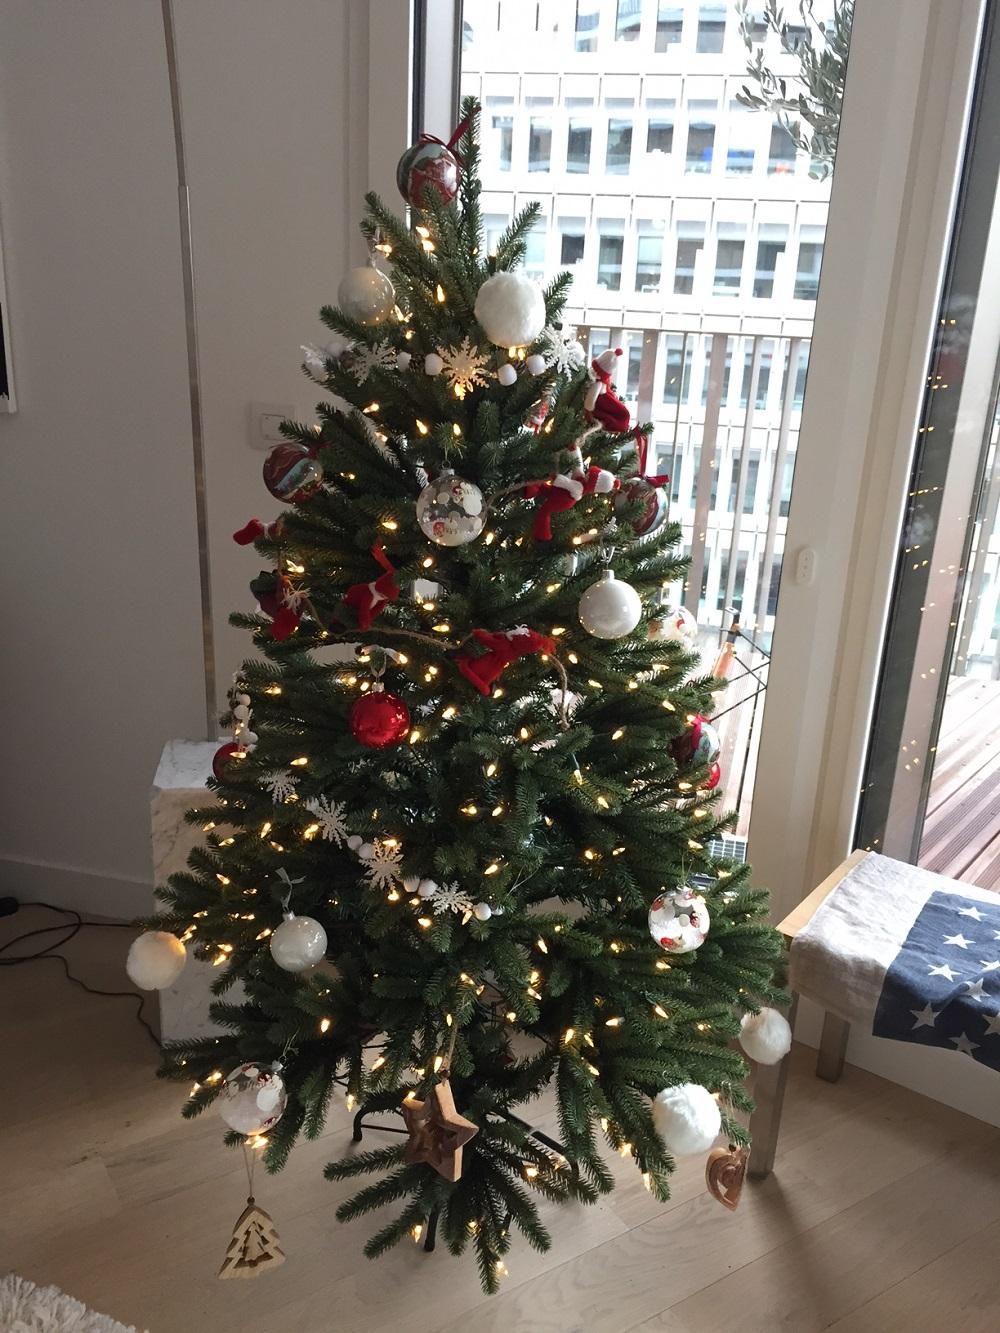 Comment Fixer Un Sapin De Noel sapin de noël avec des étagères modulables design cubit